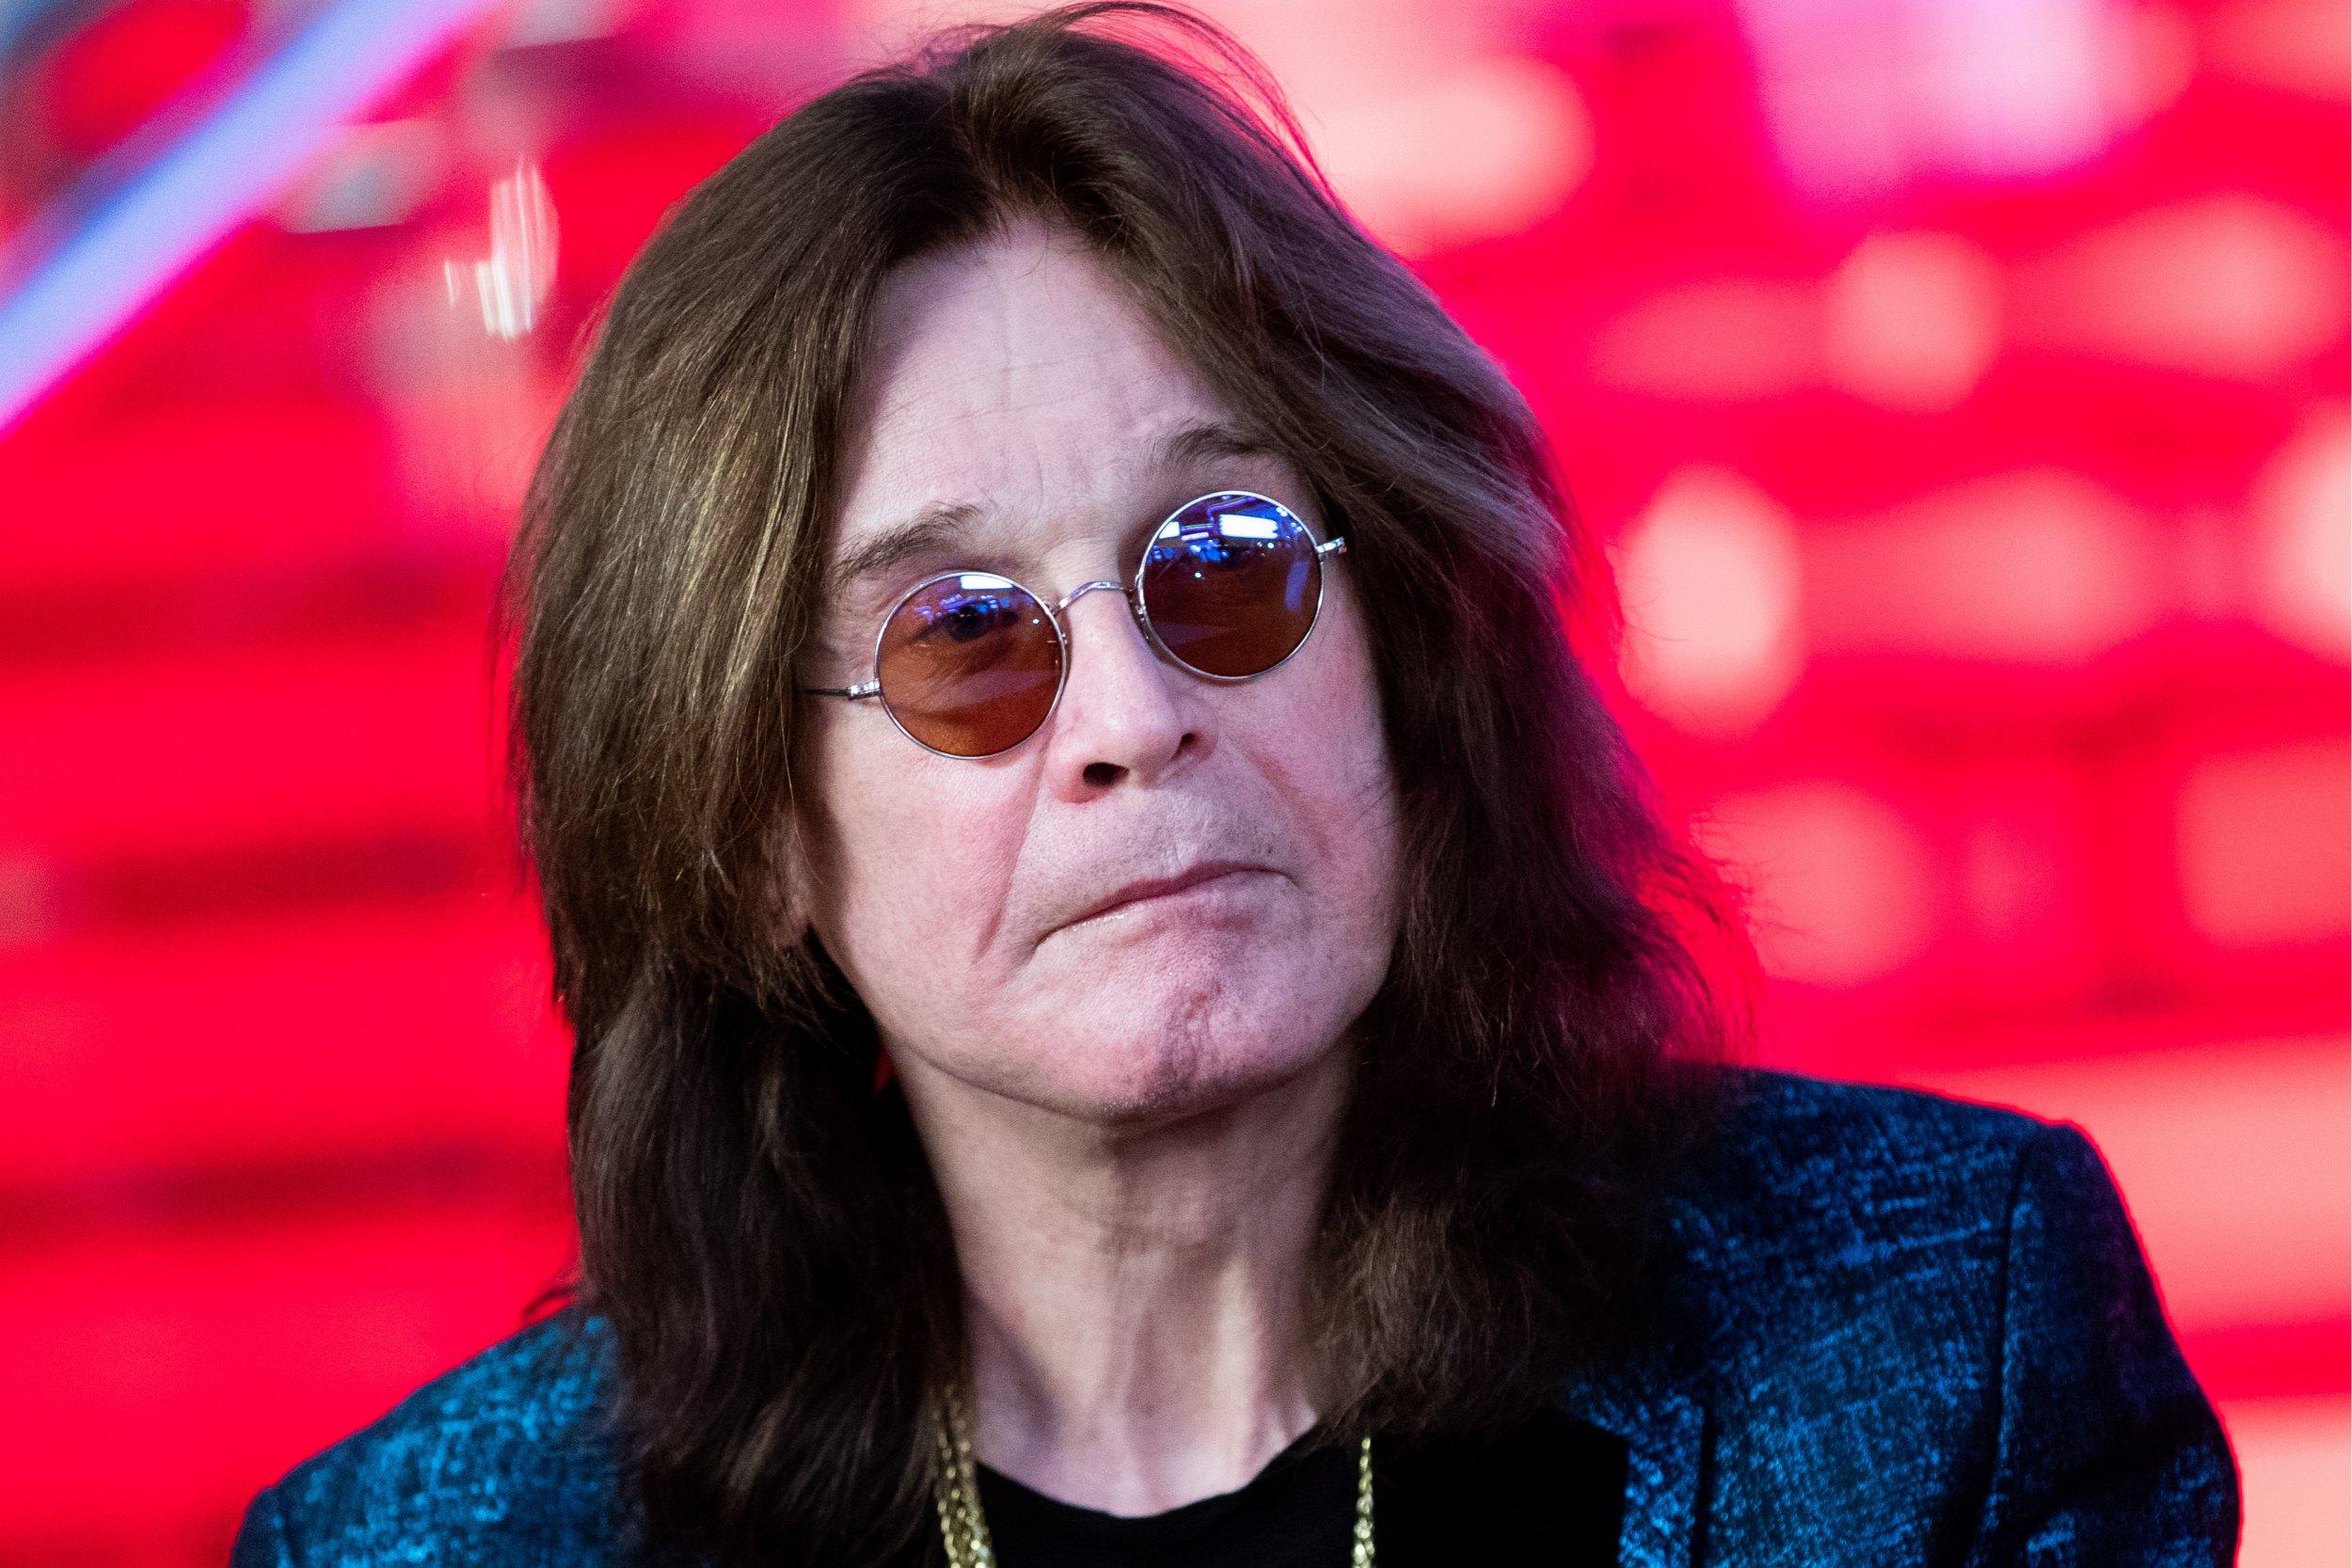 'Devastated' Ozzy Osbourne postpones UK tour on doctor's orders after illness